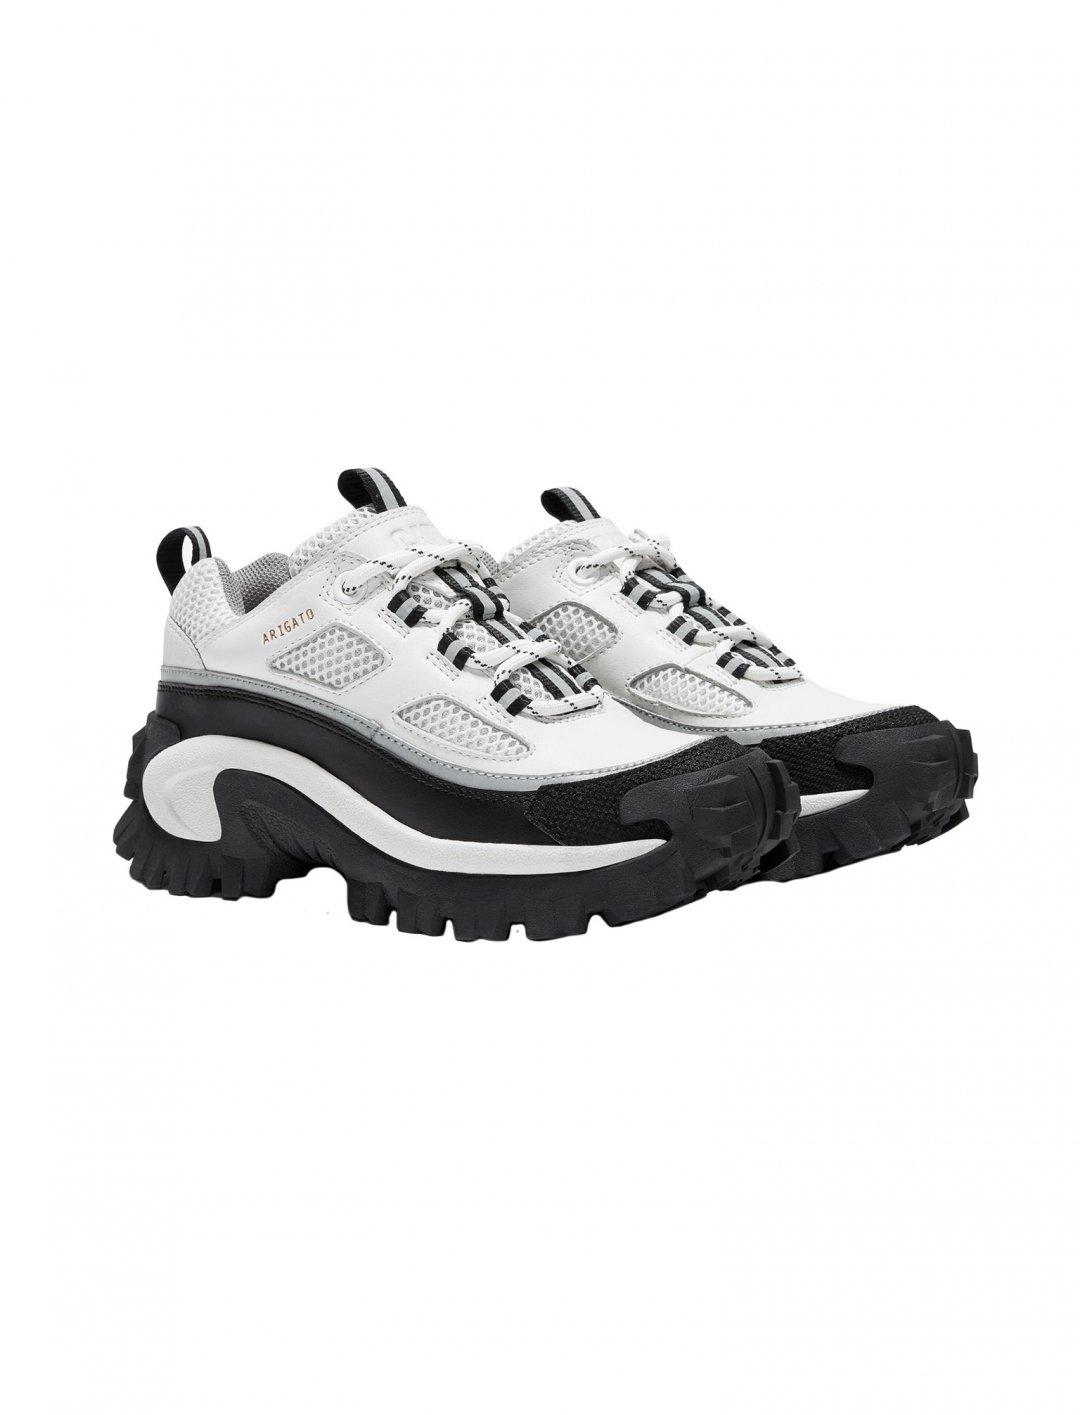 Jax Jones' Sneakers Shoes Axel Arigato x CAT